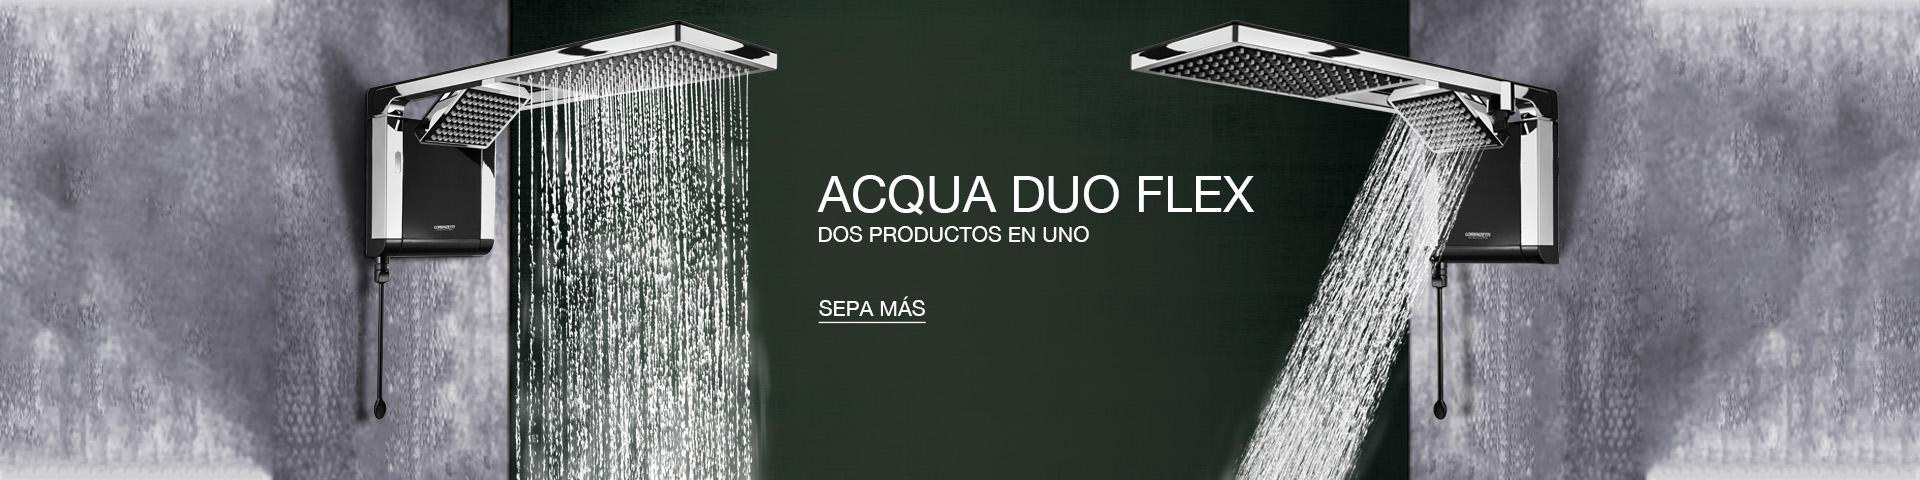 Aqua Duo Flex